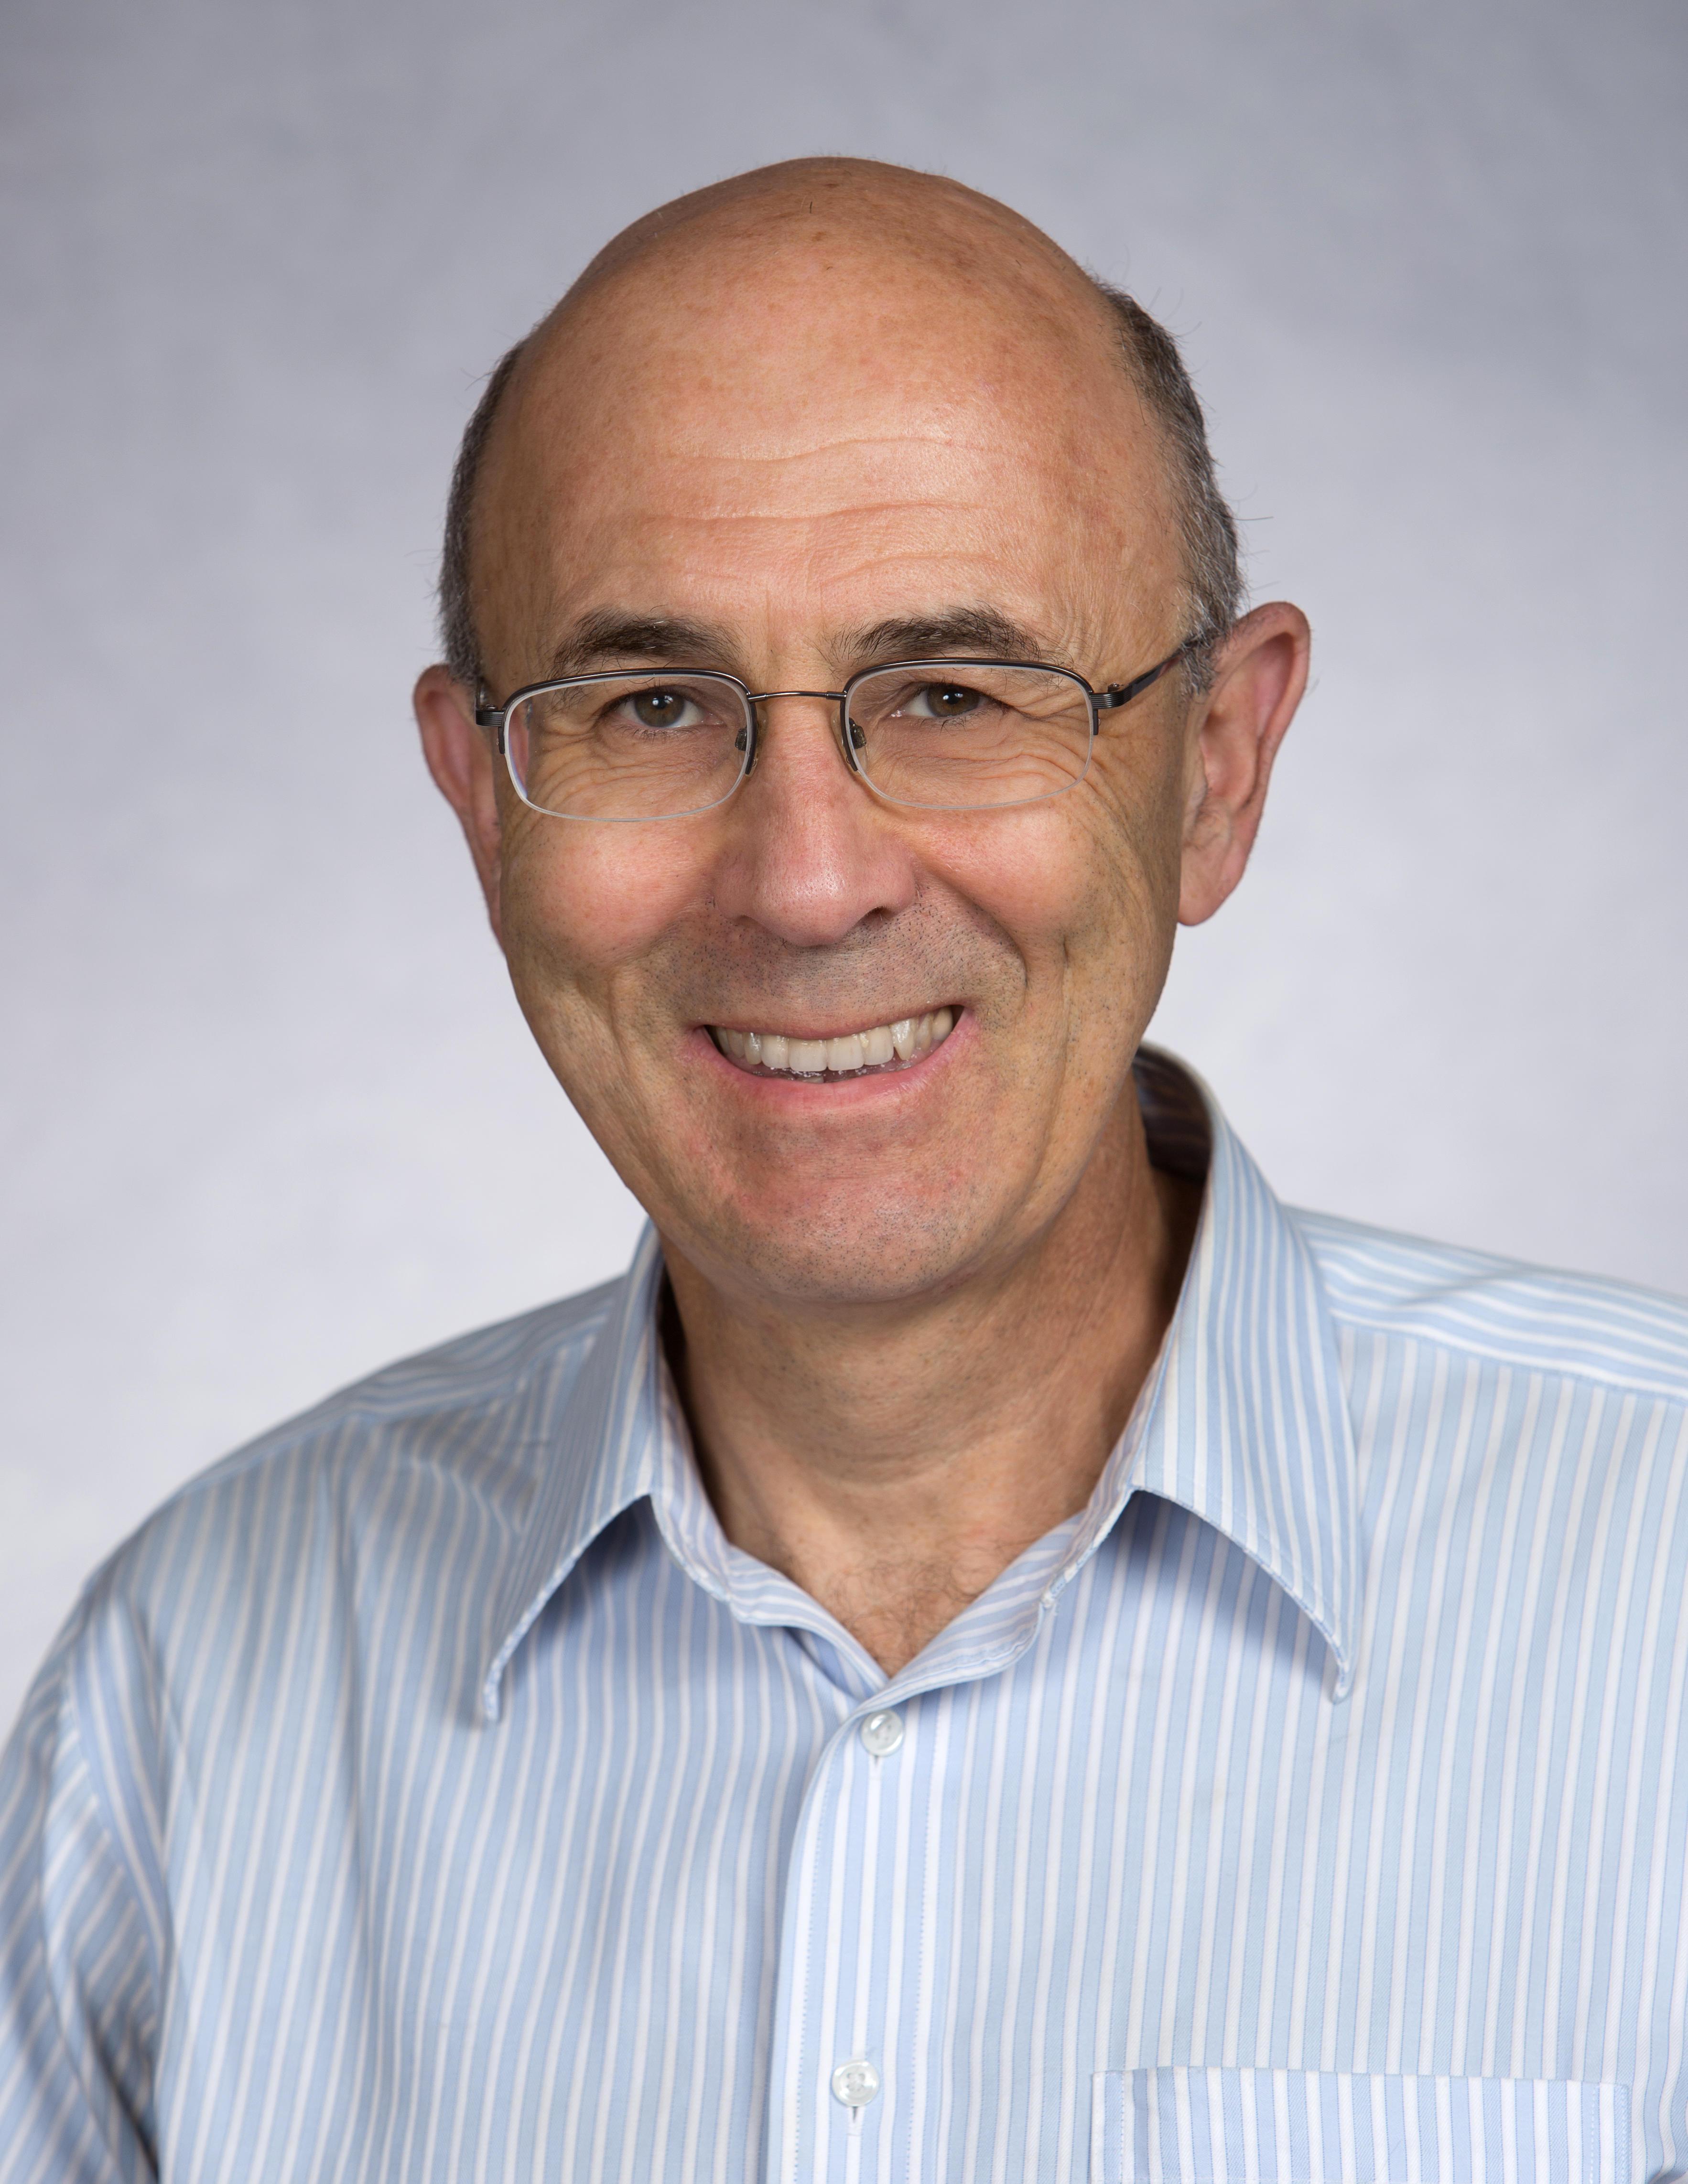 Image For Dr. Douglas  Galasko MD